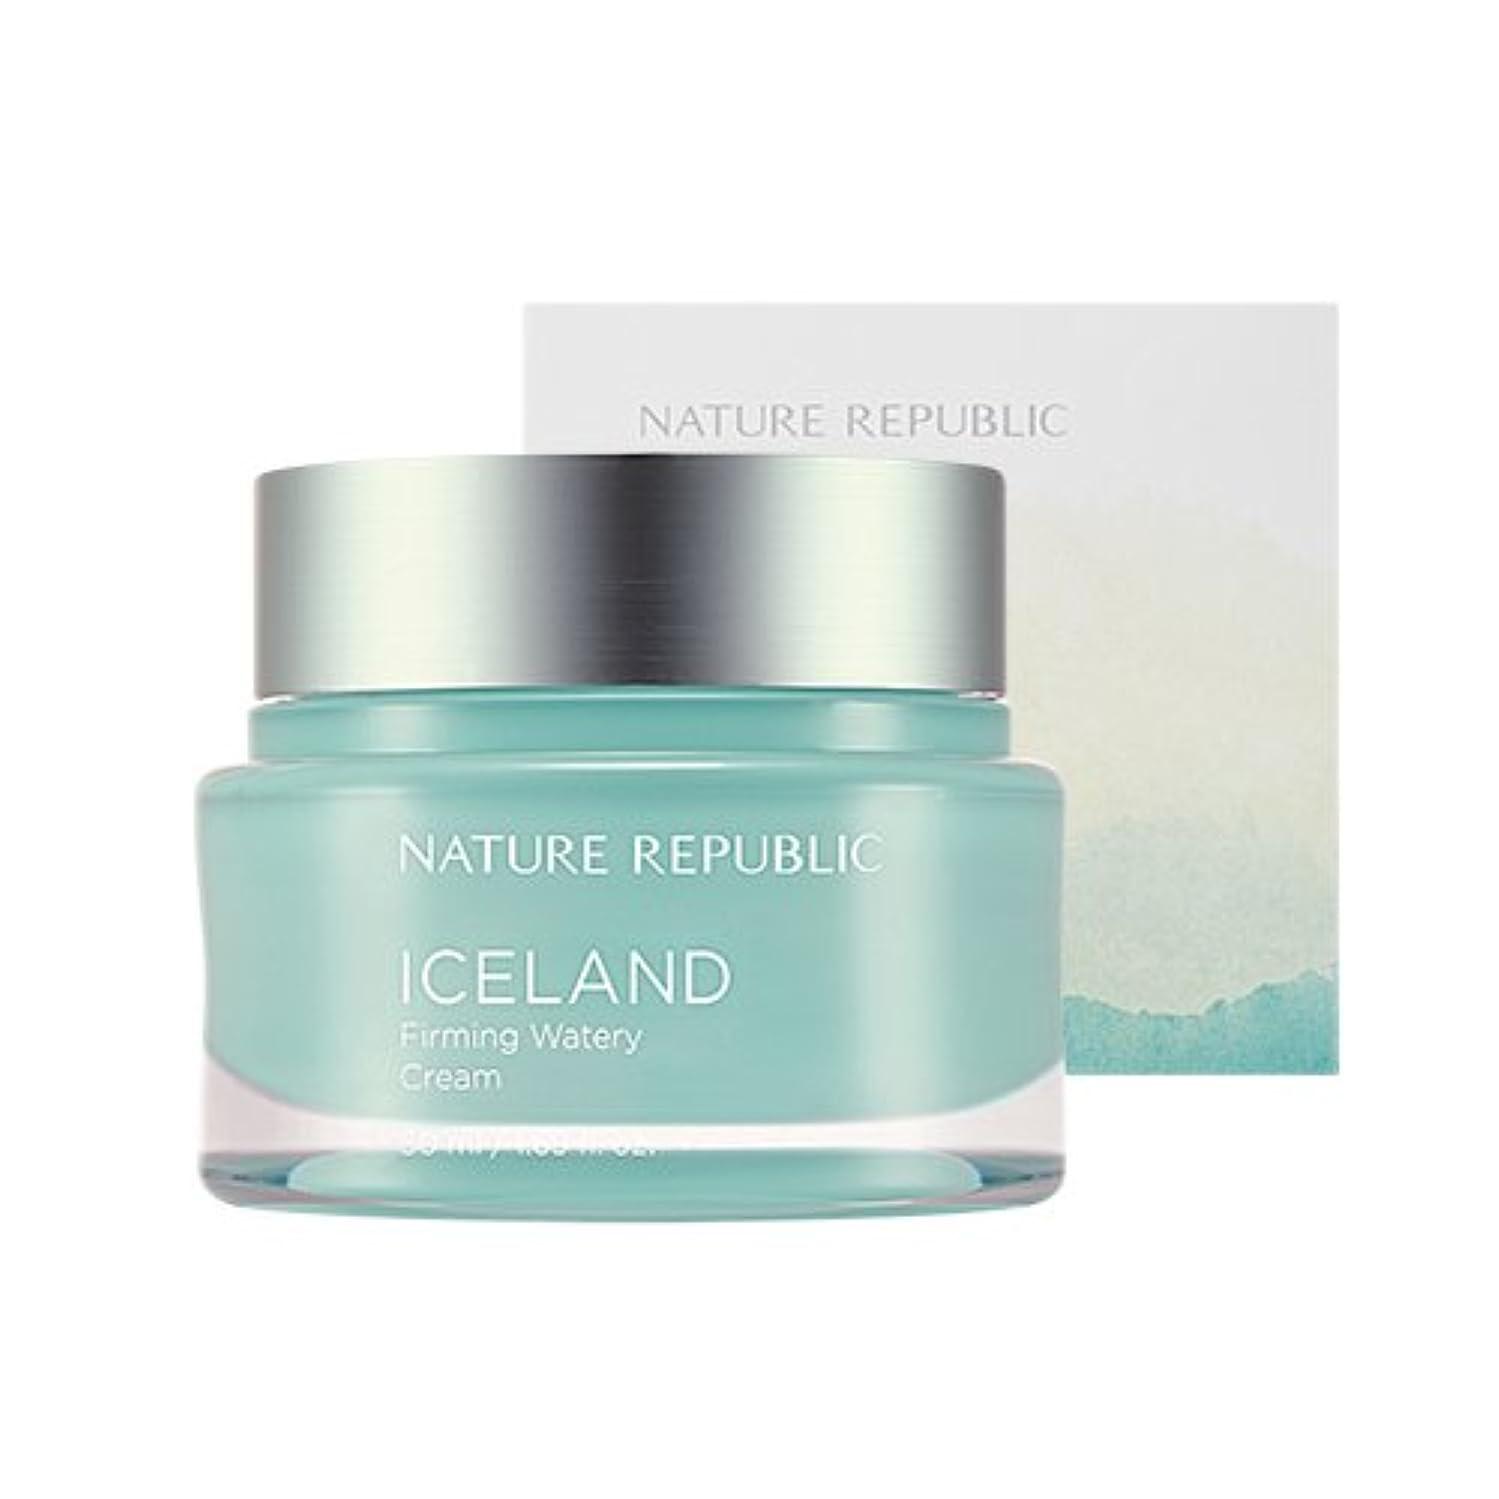 世論調査抵抗する運営Nature Republic Iceland Firming Watery Cream 50ml / ネイチャーリパブリック アイスファーミング水分クリーム 50ml [並行輸入品]